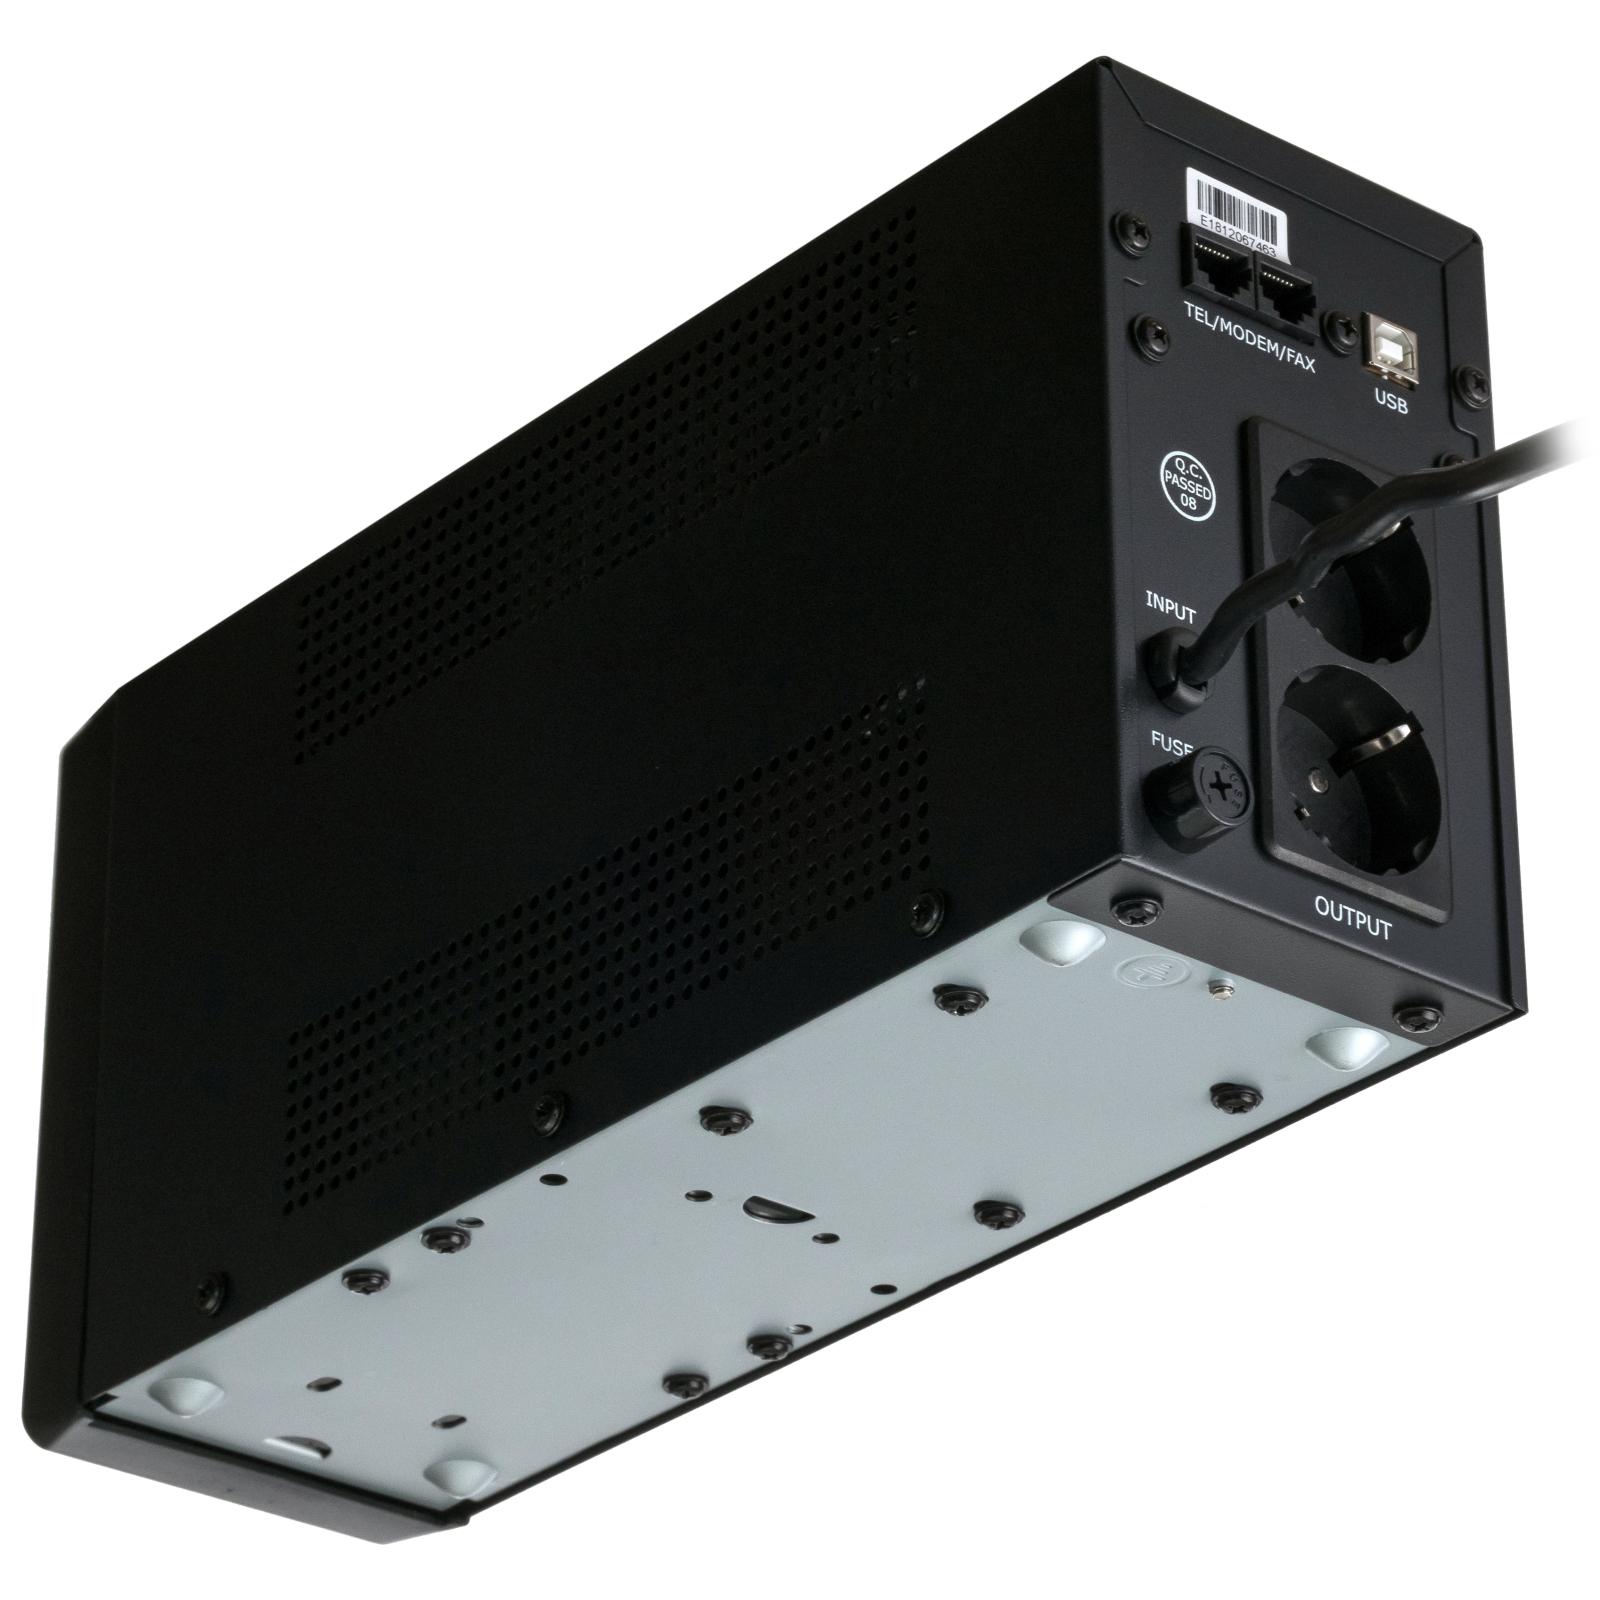 Источник бесперебойного питания Vinga LCD 600VA metal case with USB (VPC-600MU) изображение 8